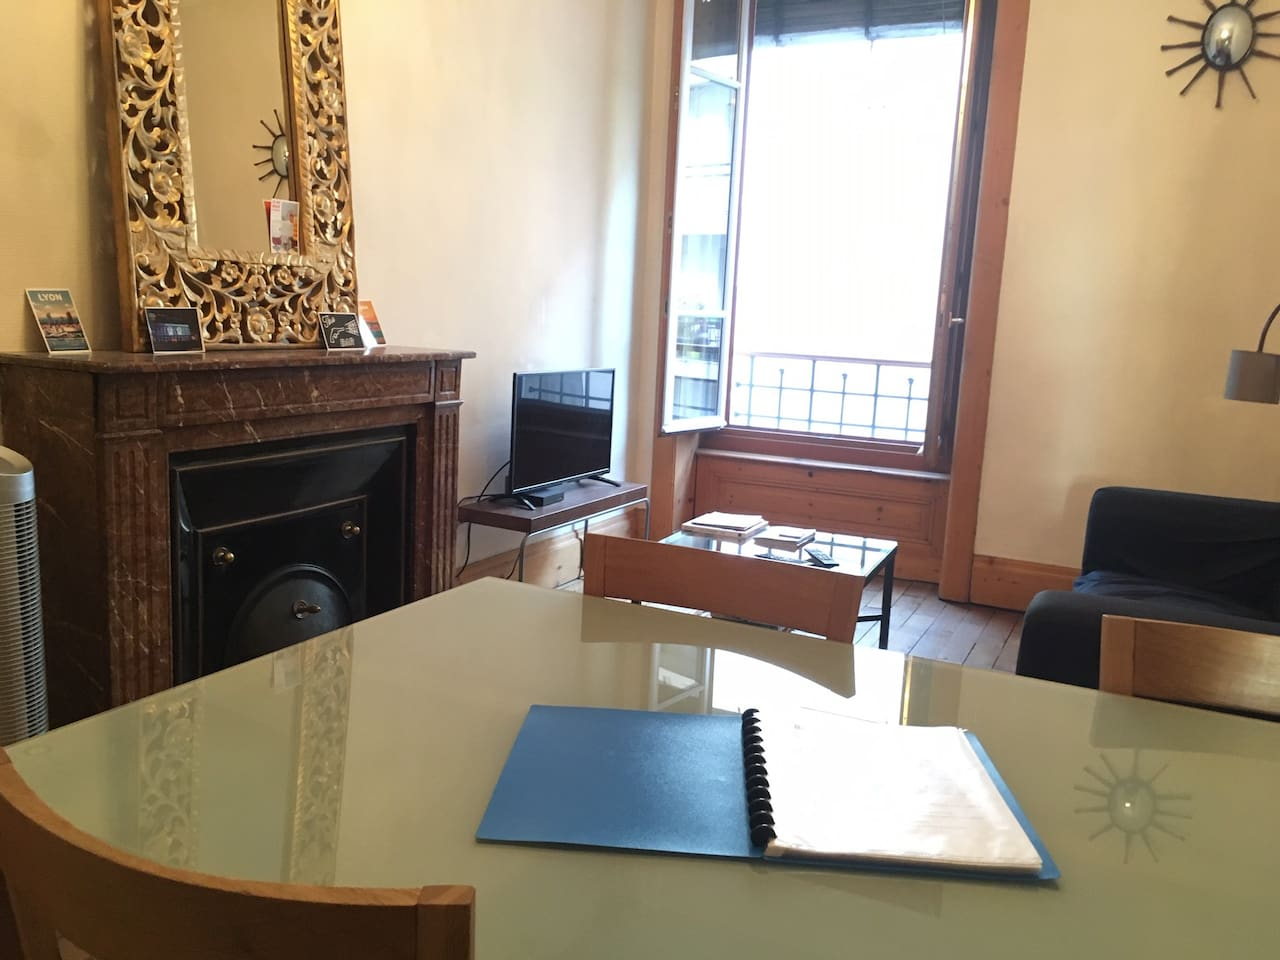 Côté salon : Coin TV / Canapé / Documentations de l'office du tourisme / Plans de Lyon et des transports / Ventilateur à disposition